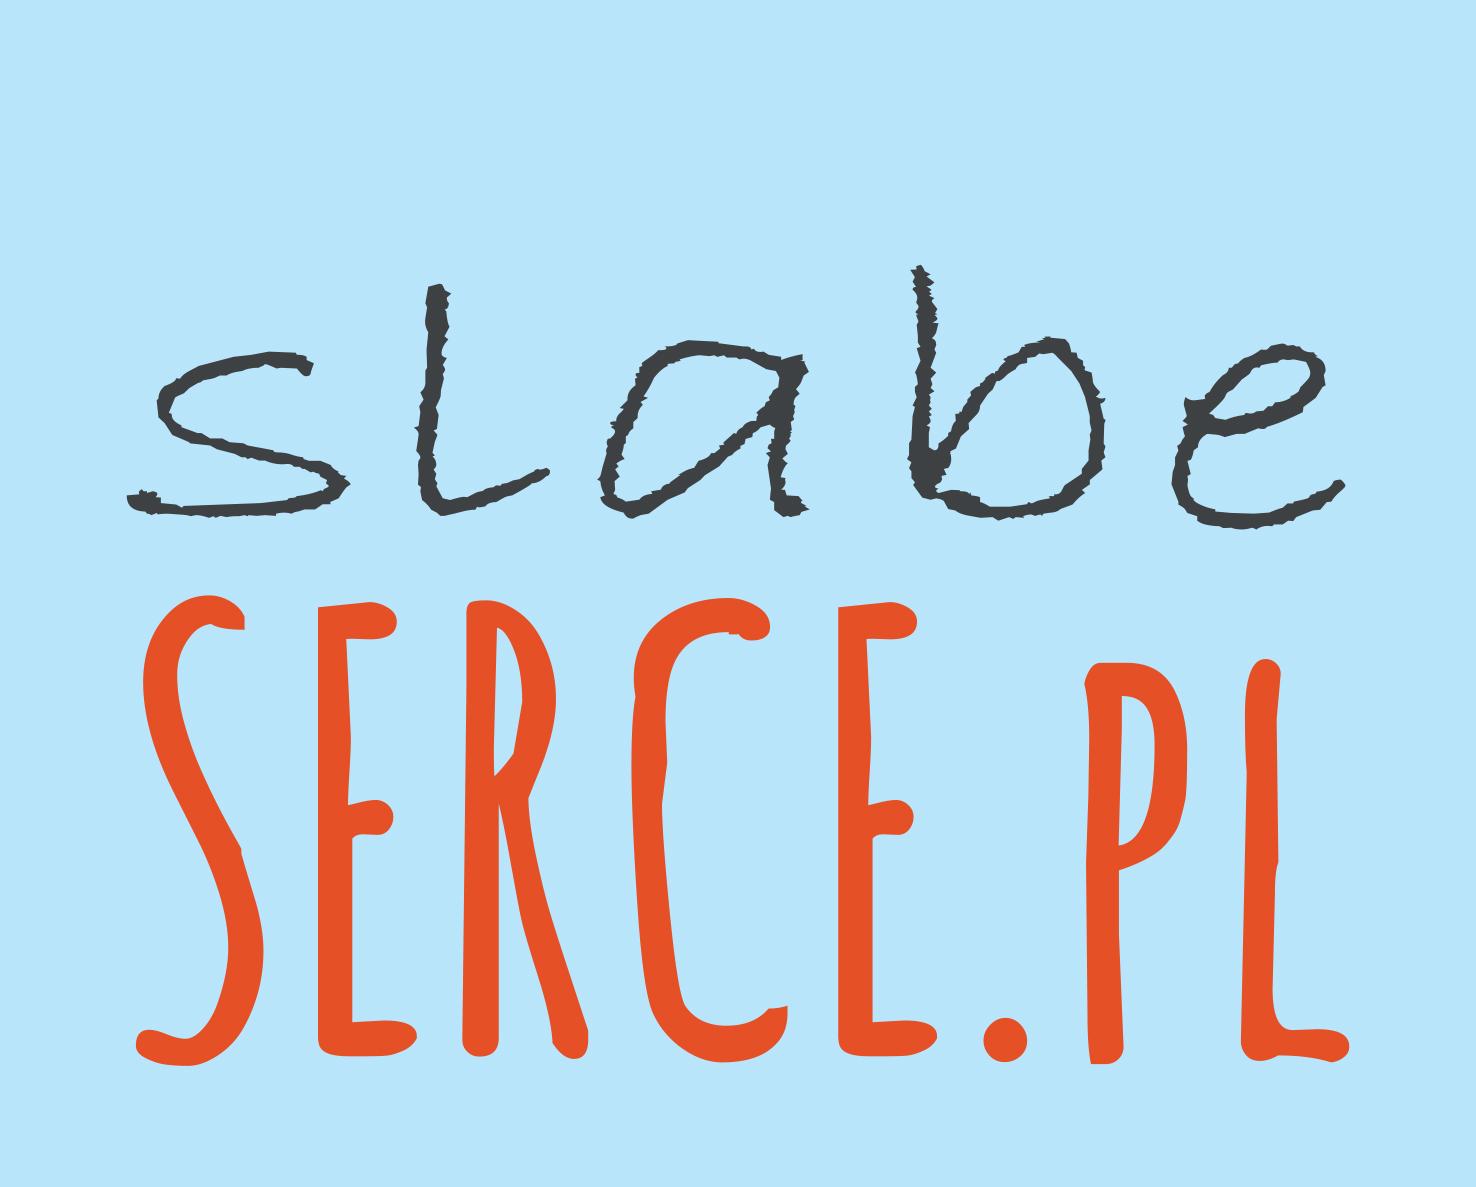 slabe_serce_pl